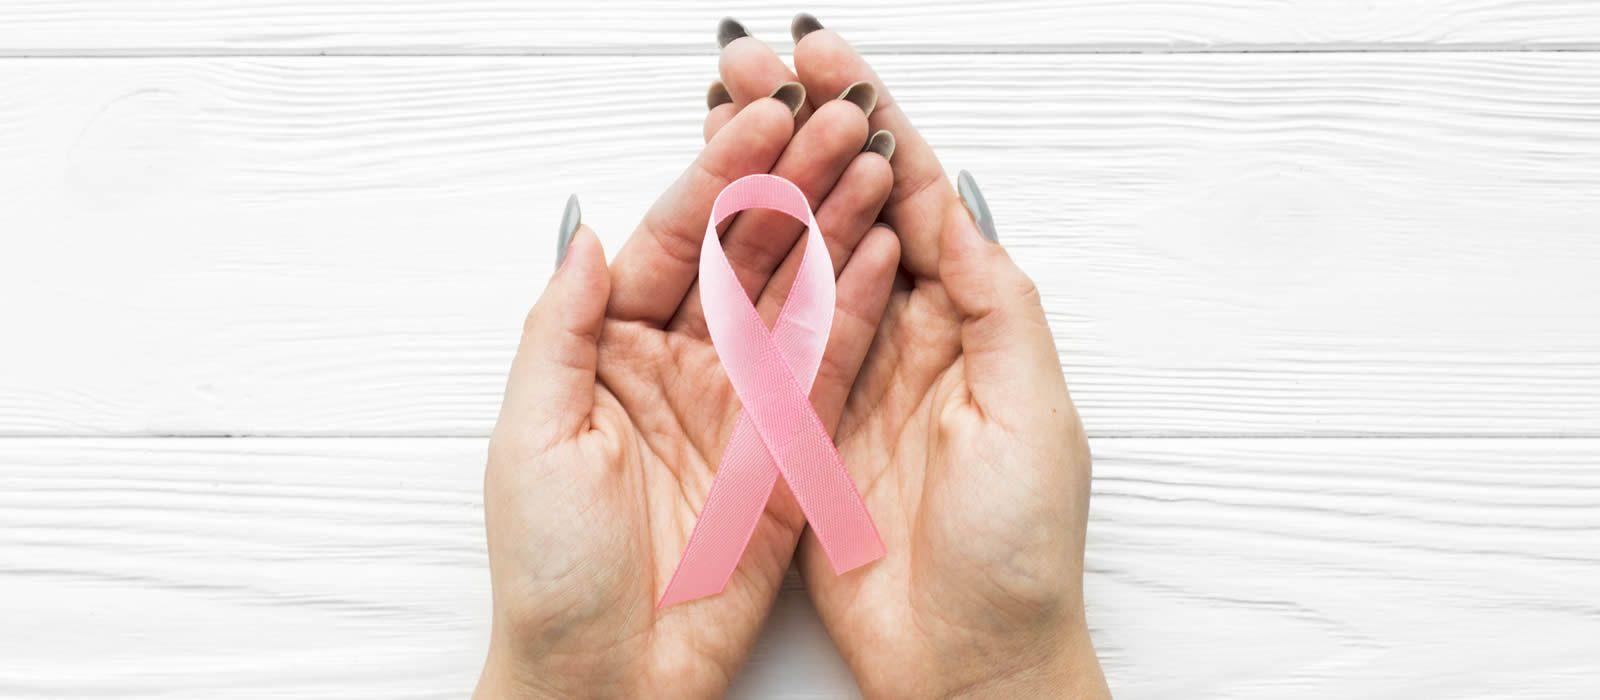 Cáncer de mama: síntomas y causas de esta enfermedad